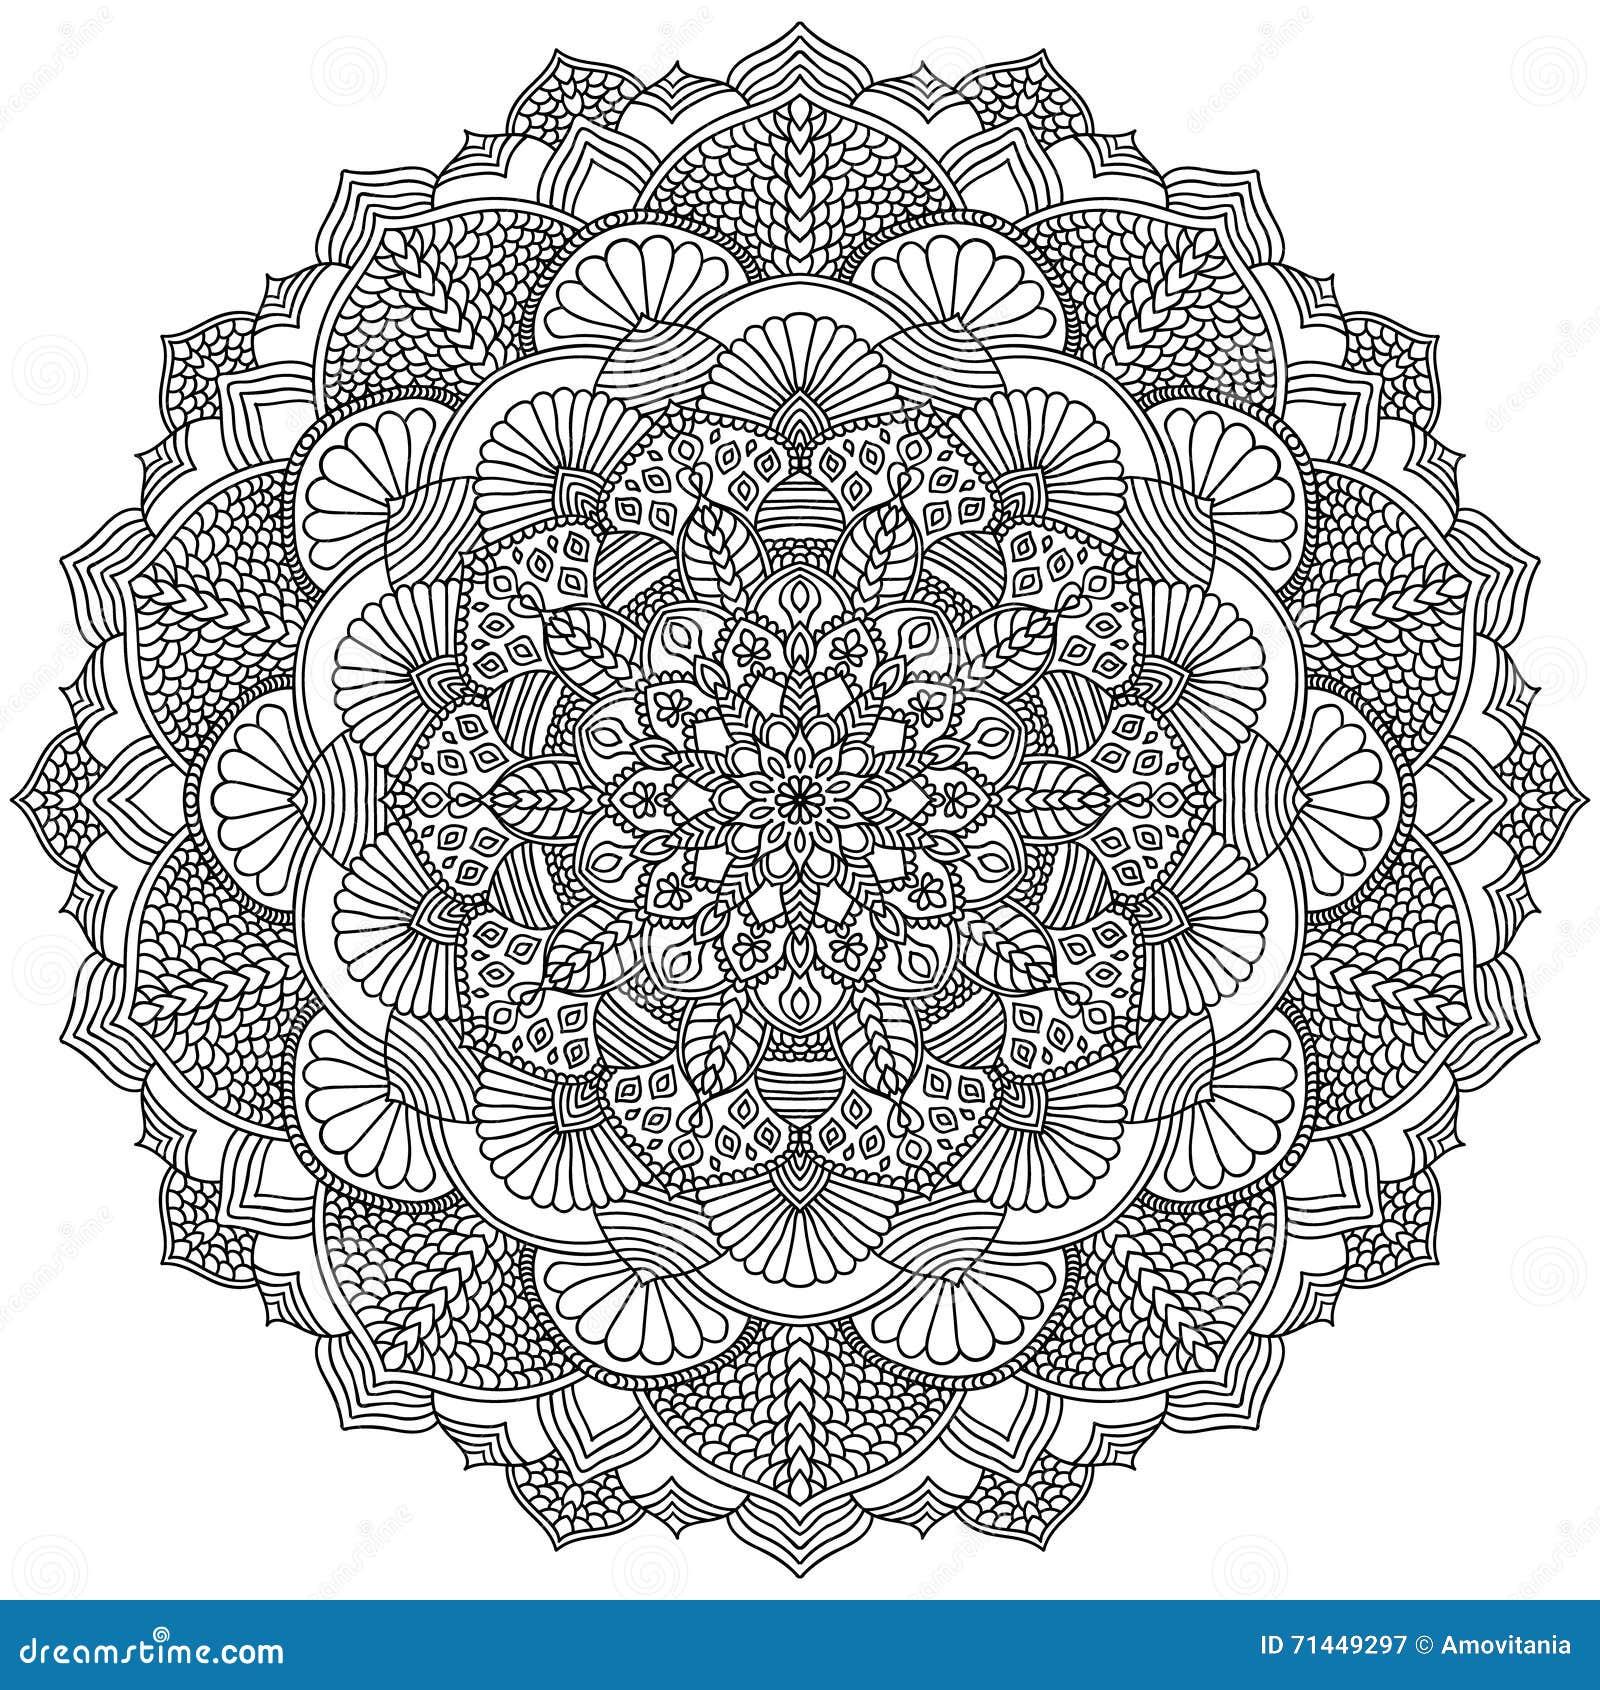 Kleurplaten Mandala Hartjes.Mandala Kleurplaat Bloemen En Hartjes Kleurplaten Vlinders 26